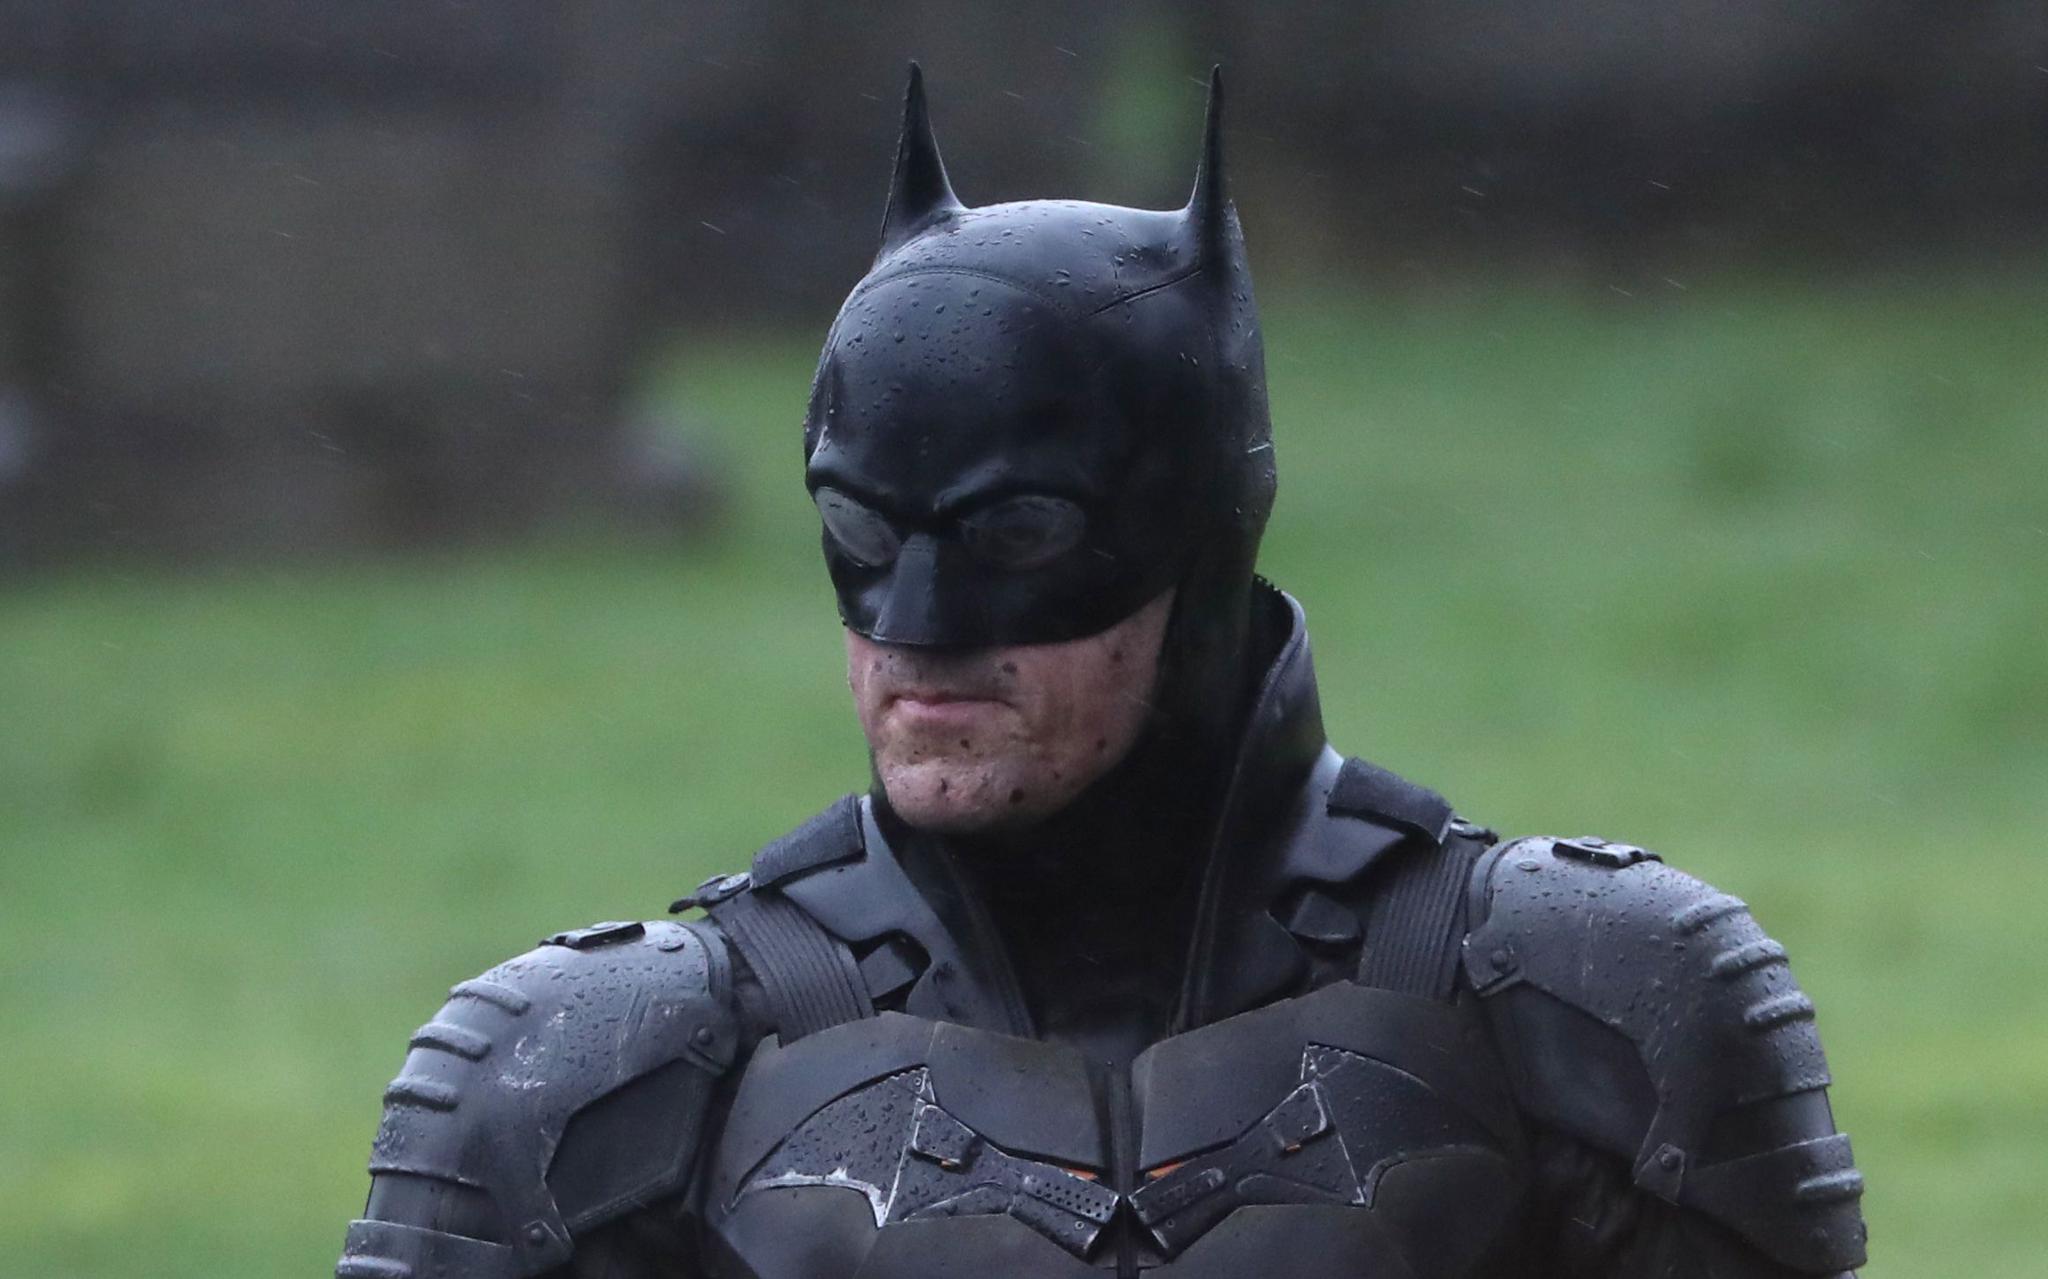 停工两星期 !新《蝙蝠侠》暂停英国拍摄工作图片